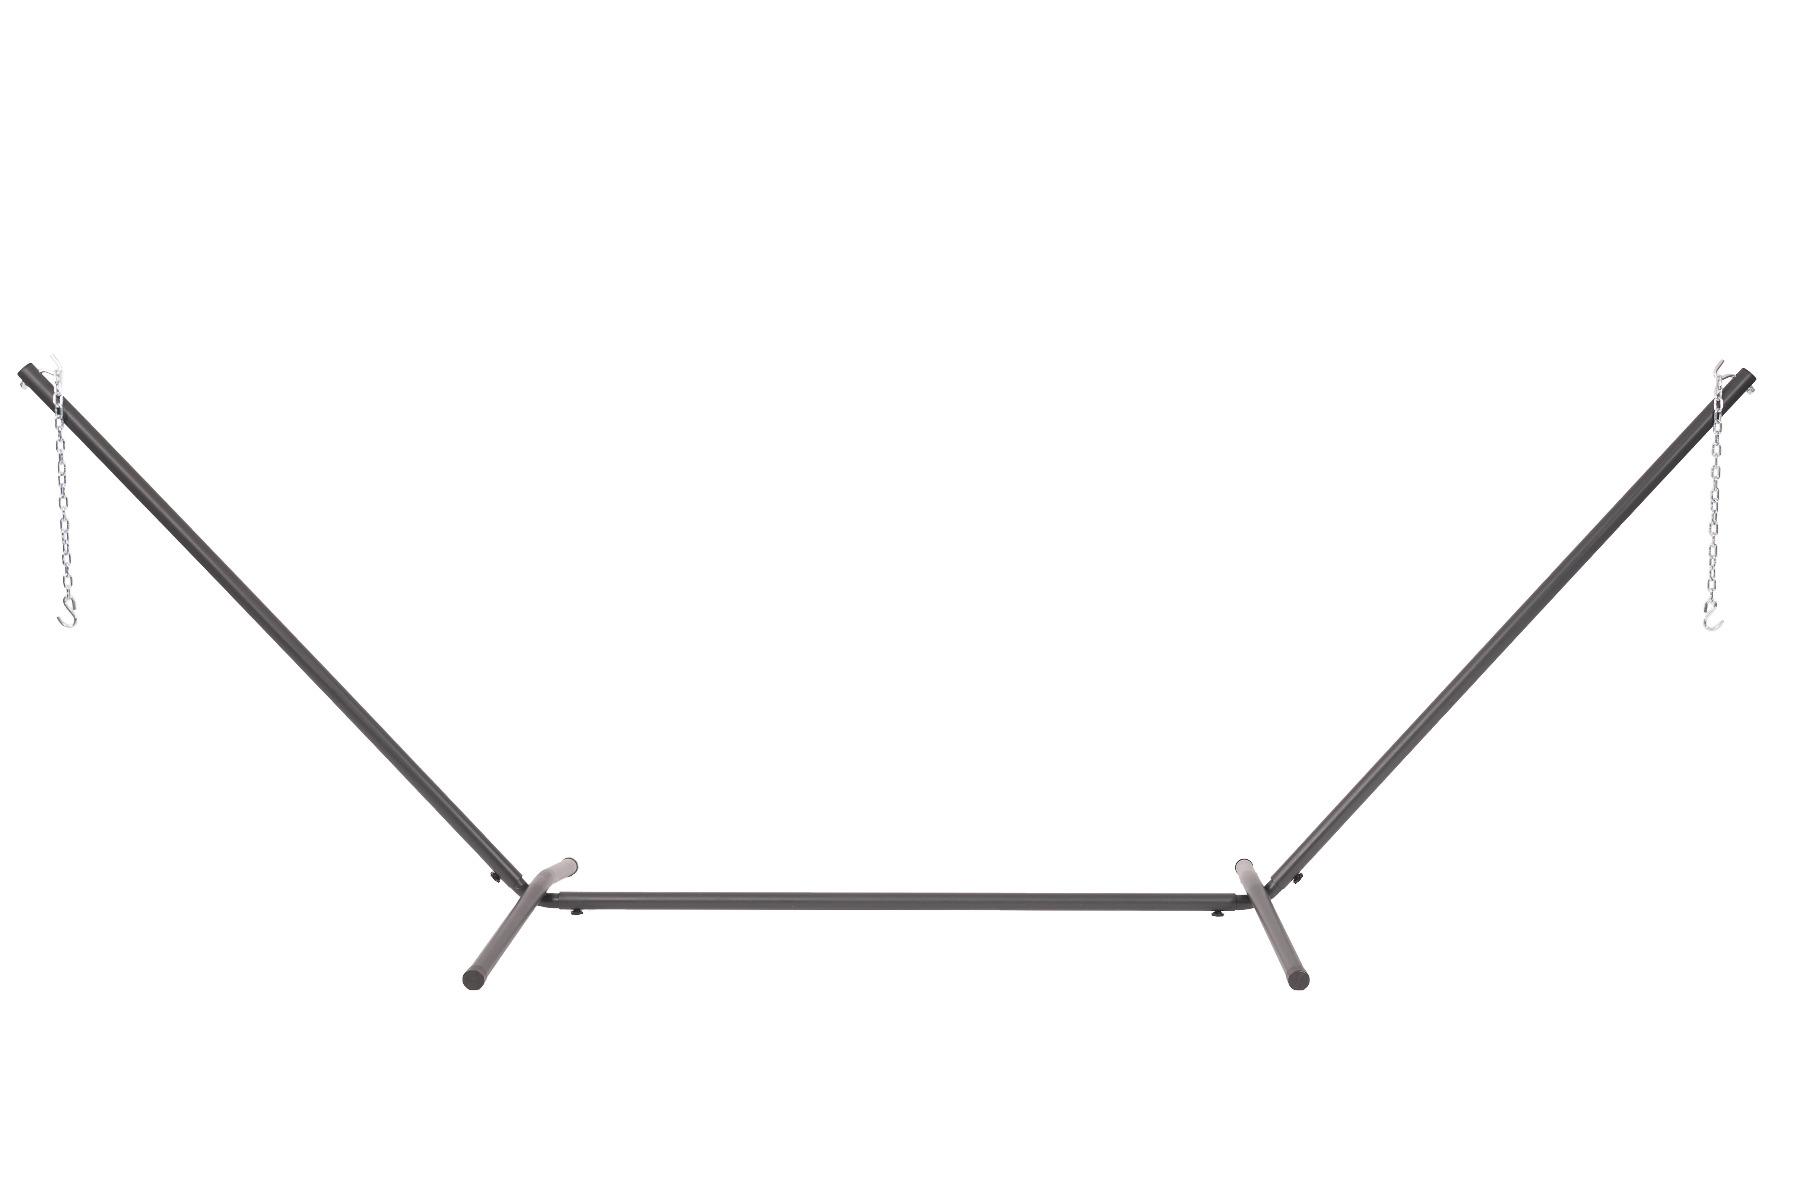 Hangmatstandaard 'Easy' éénpersoons